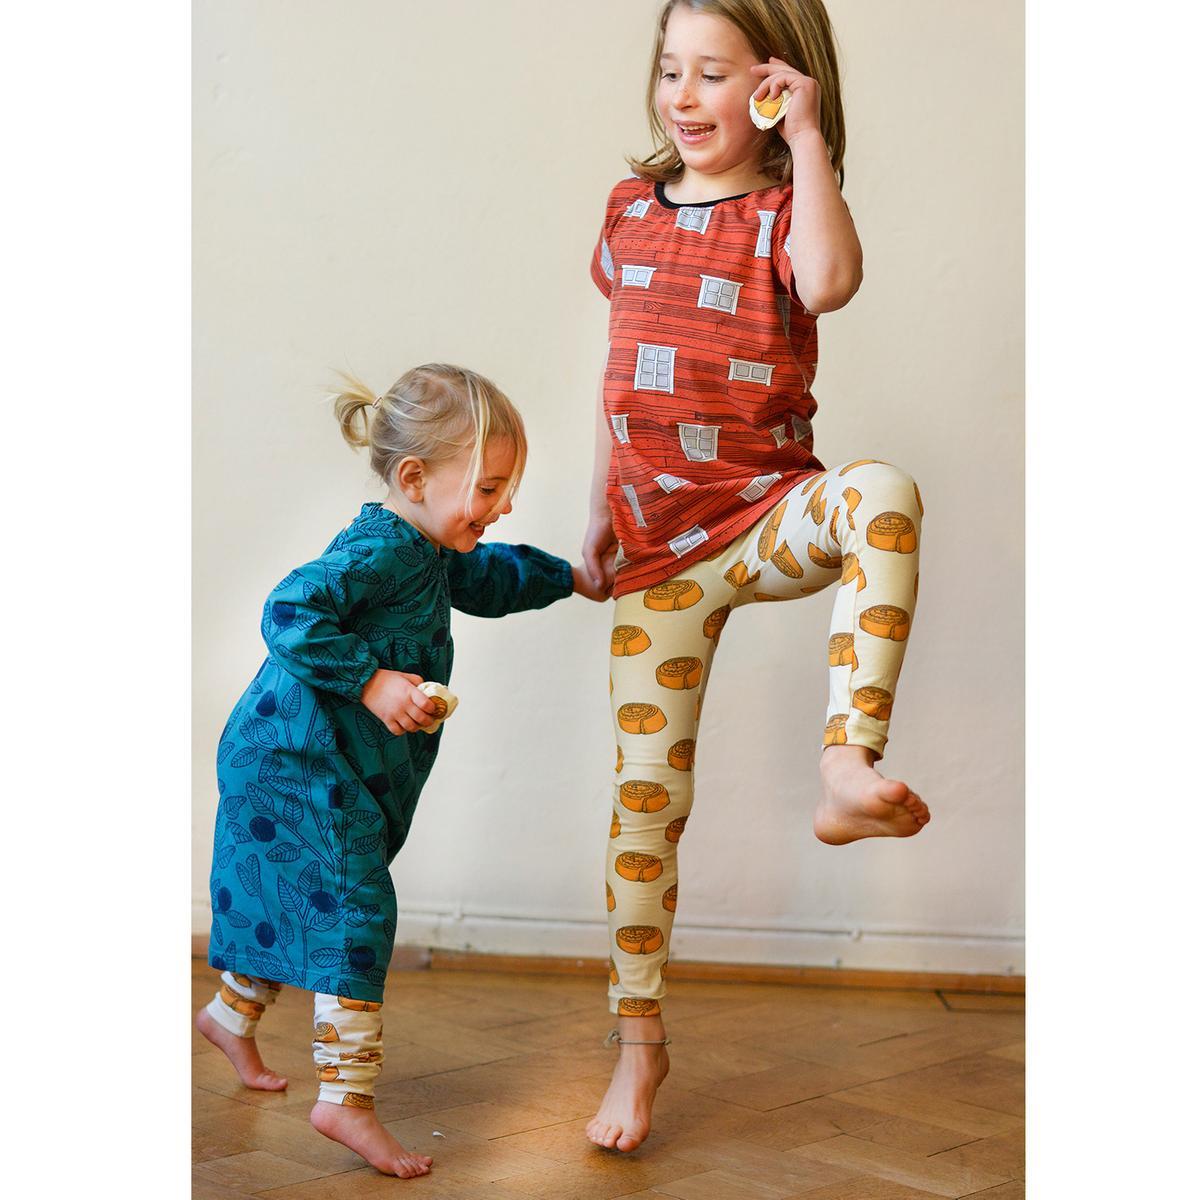 00060f7fa8e5 Cmig Kanelbullar eko jersey metervara - Jersey tyg bestellen - cmig -  ekologiska kläder / handtryckta tröjor och ateljésydda byxor från hannover